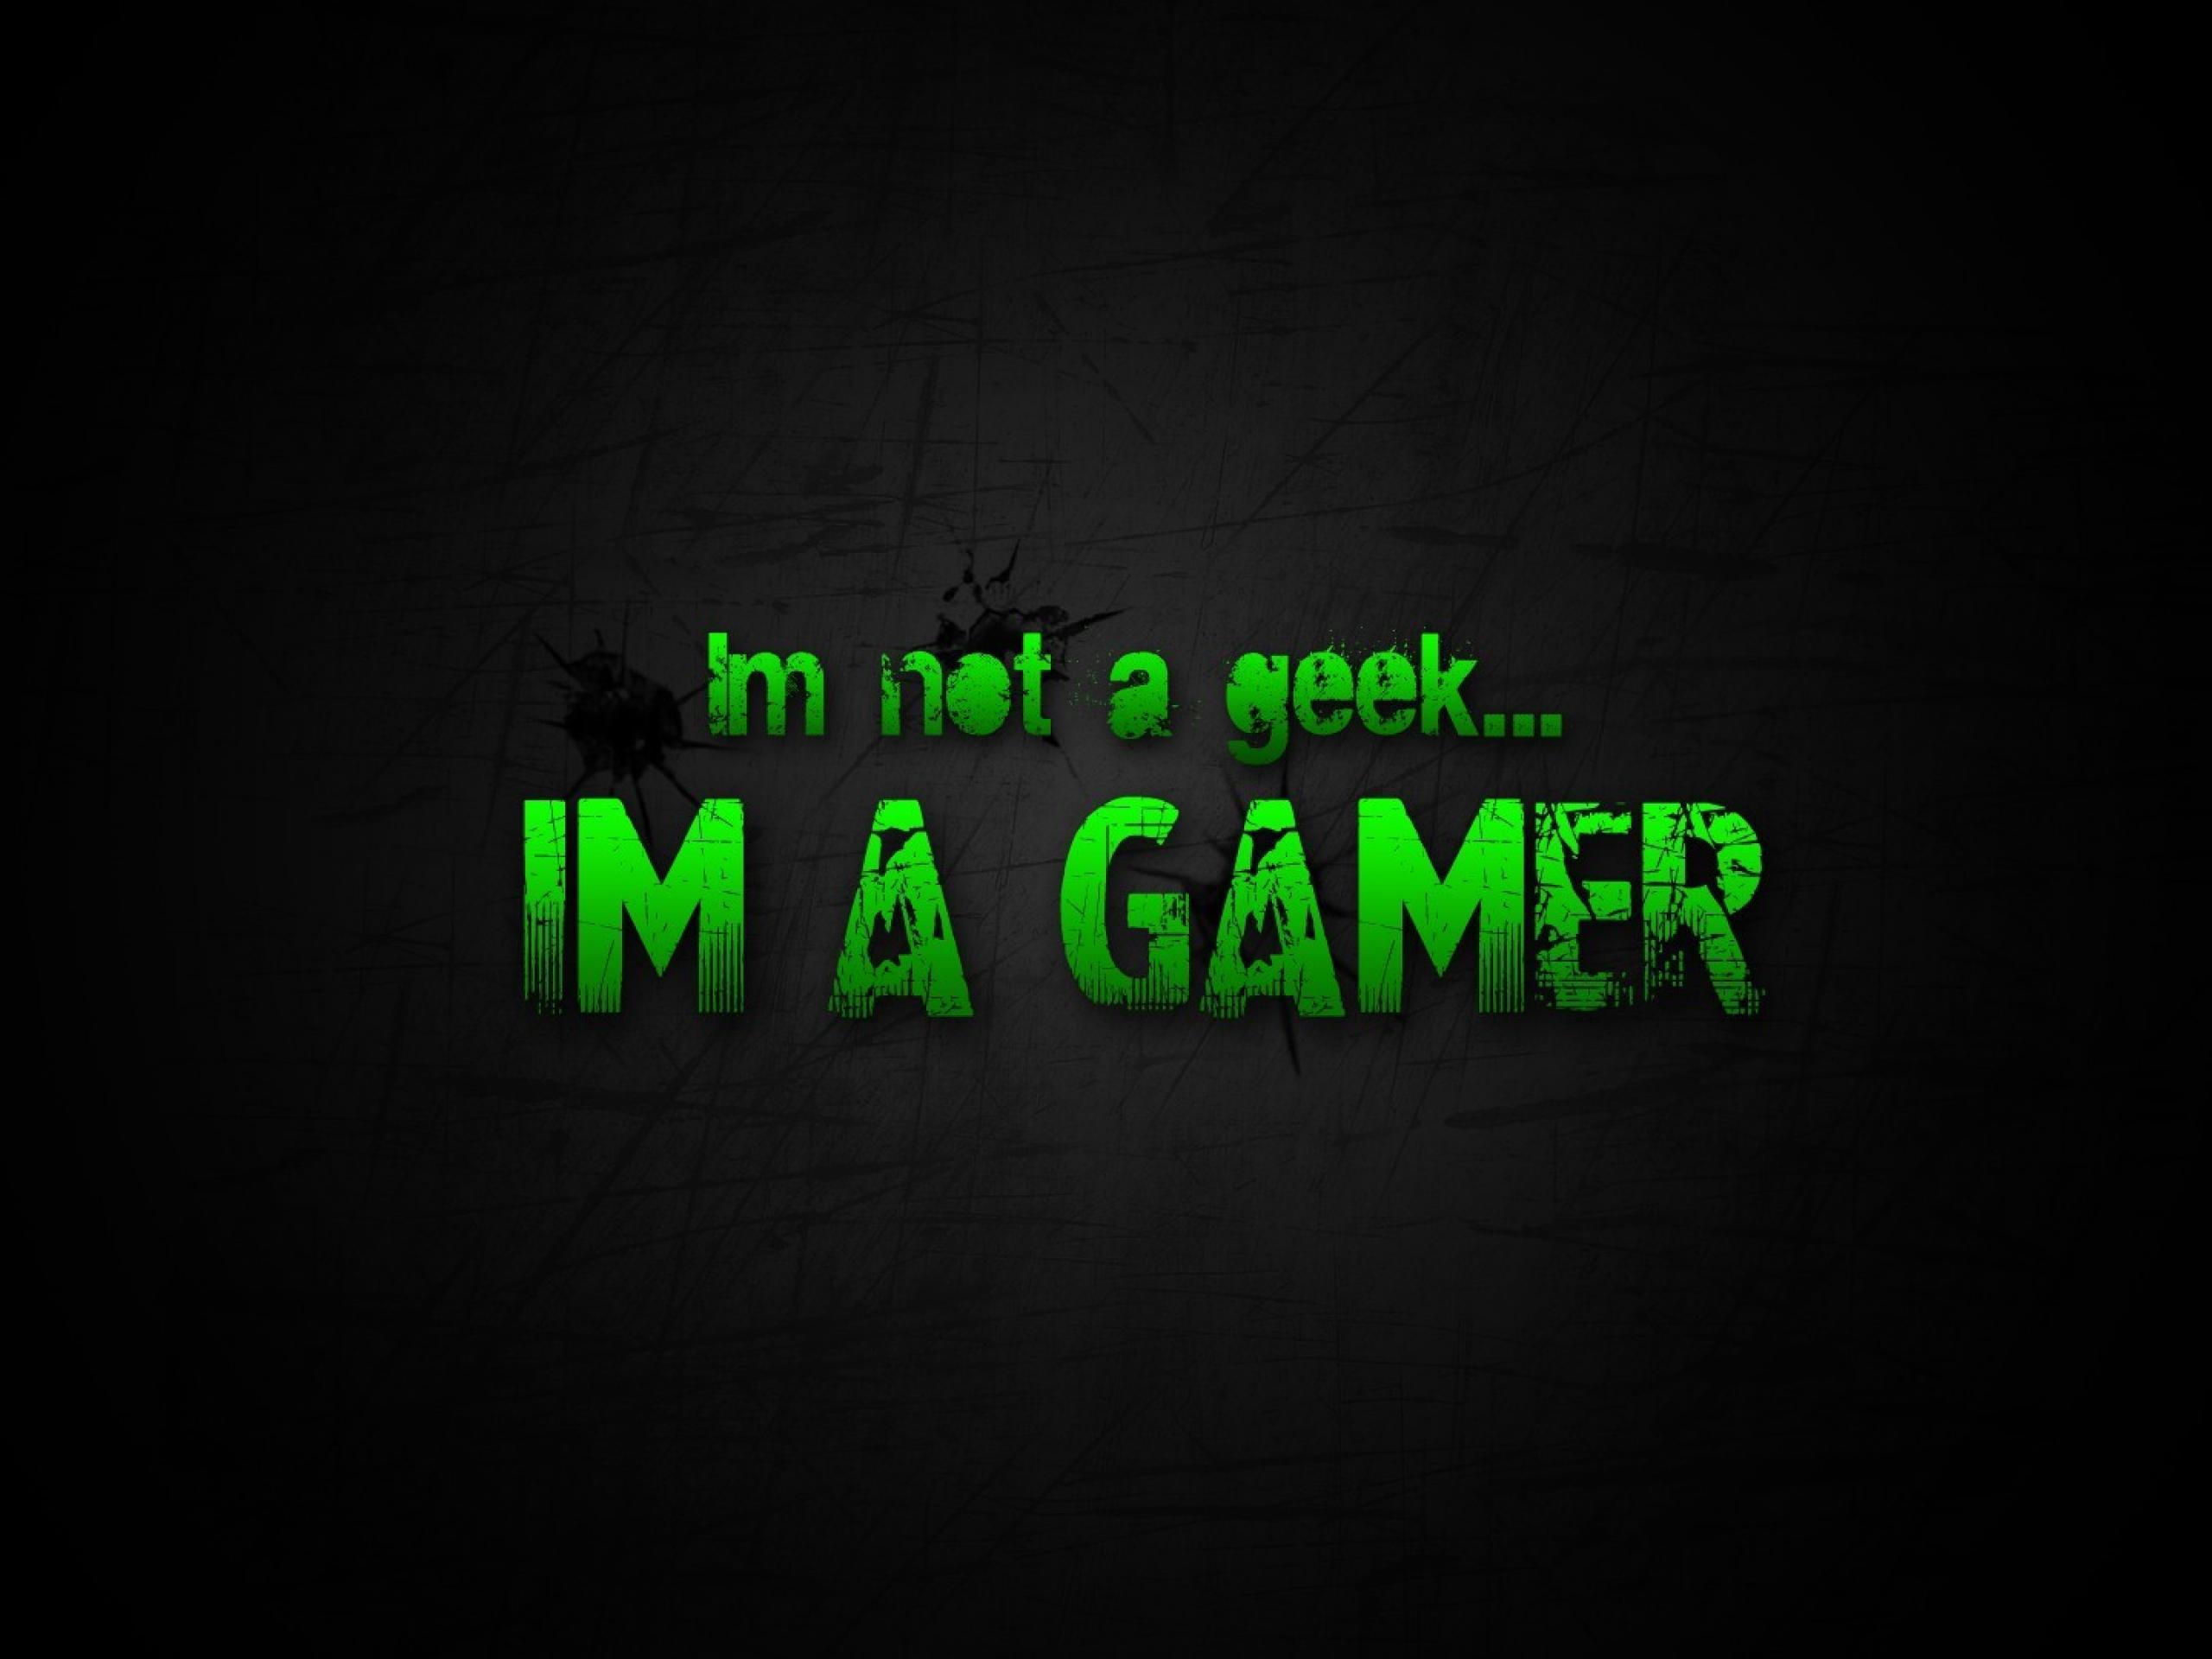 Am A Gamer Wallpaper I am a gamer w 2560x1920